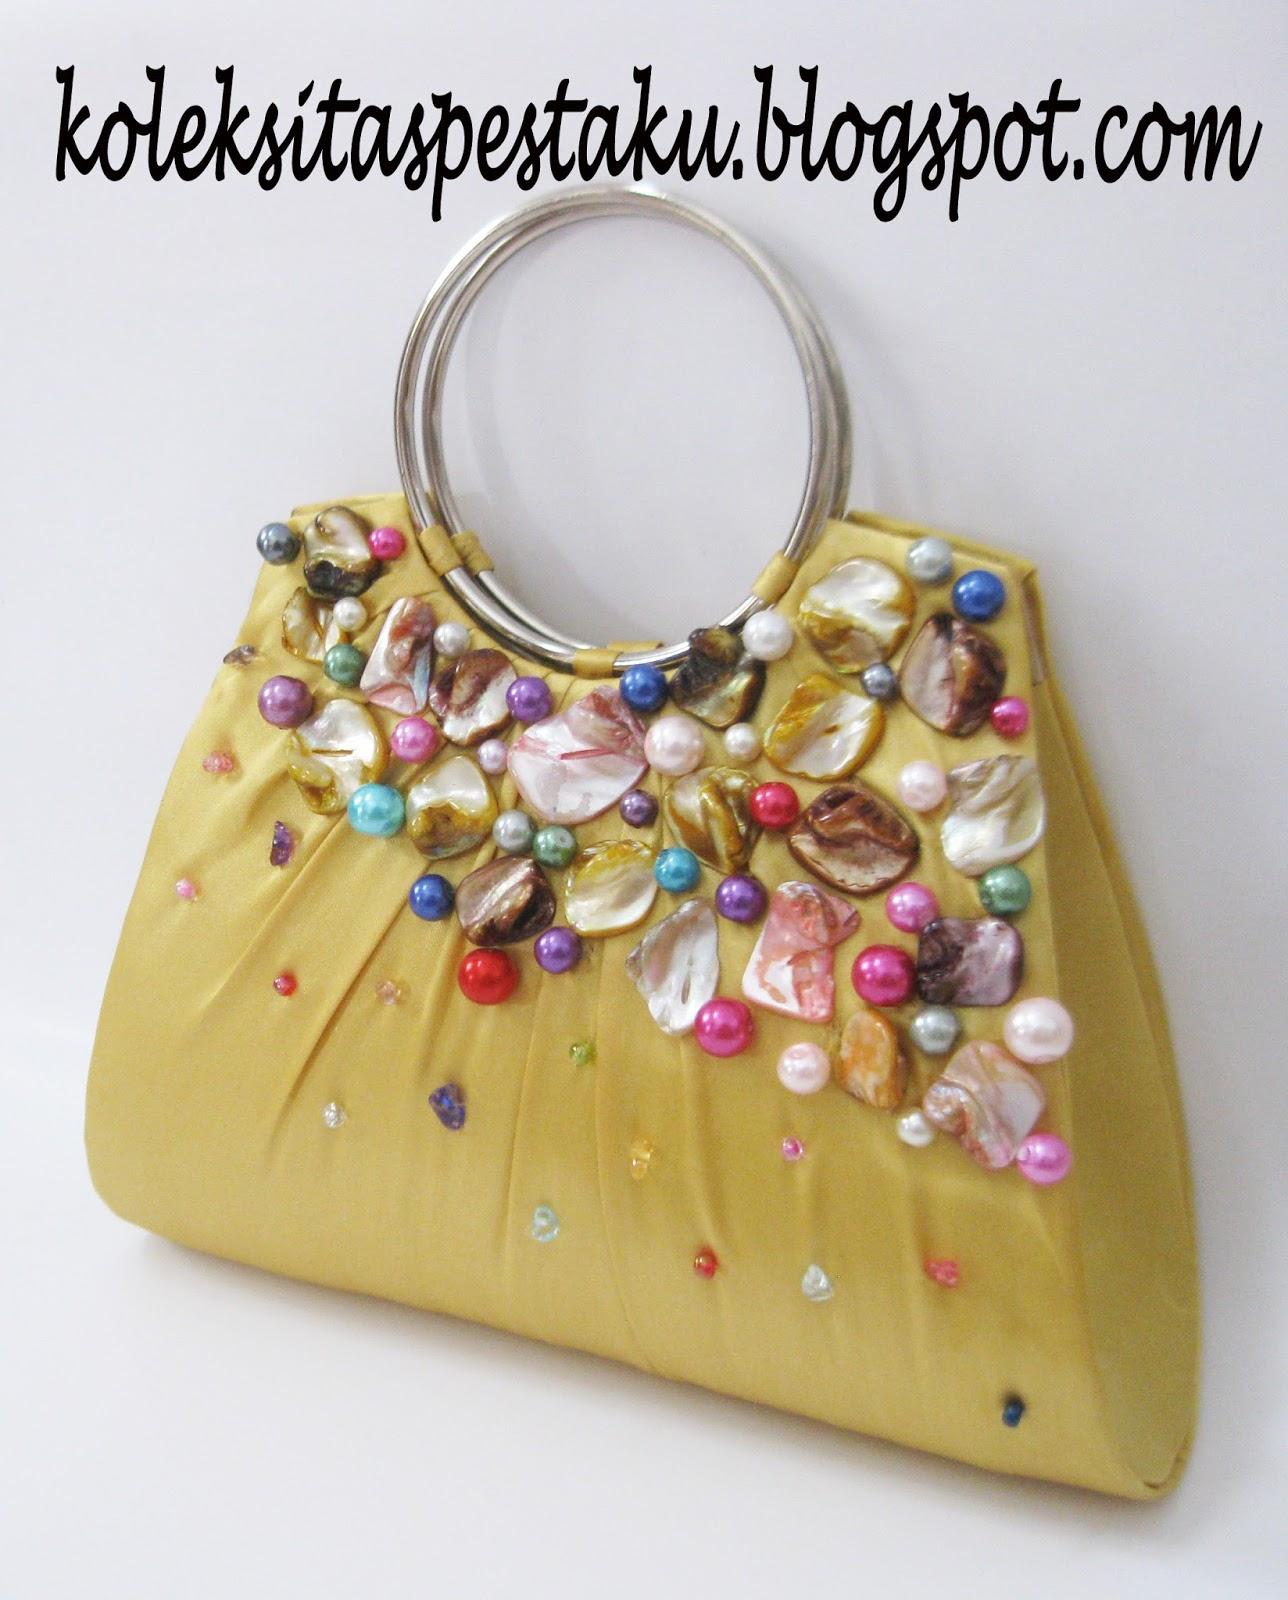 Tas Pesta - Clutch Bag  taspestaku  Jual Tas Pesta Handmade Model ... 35a43f8b50